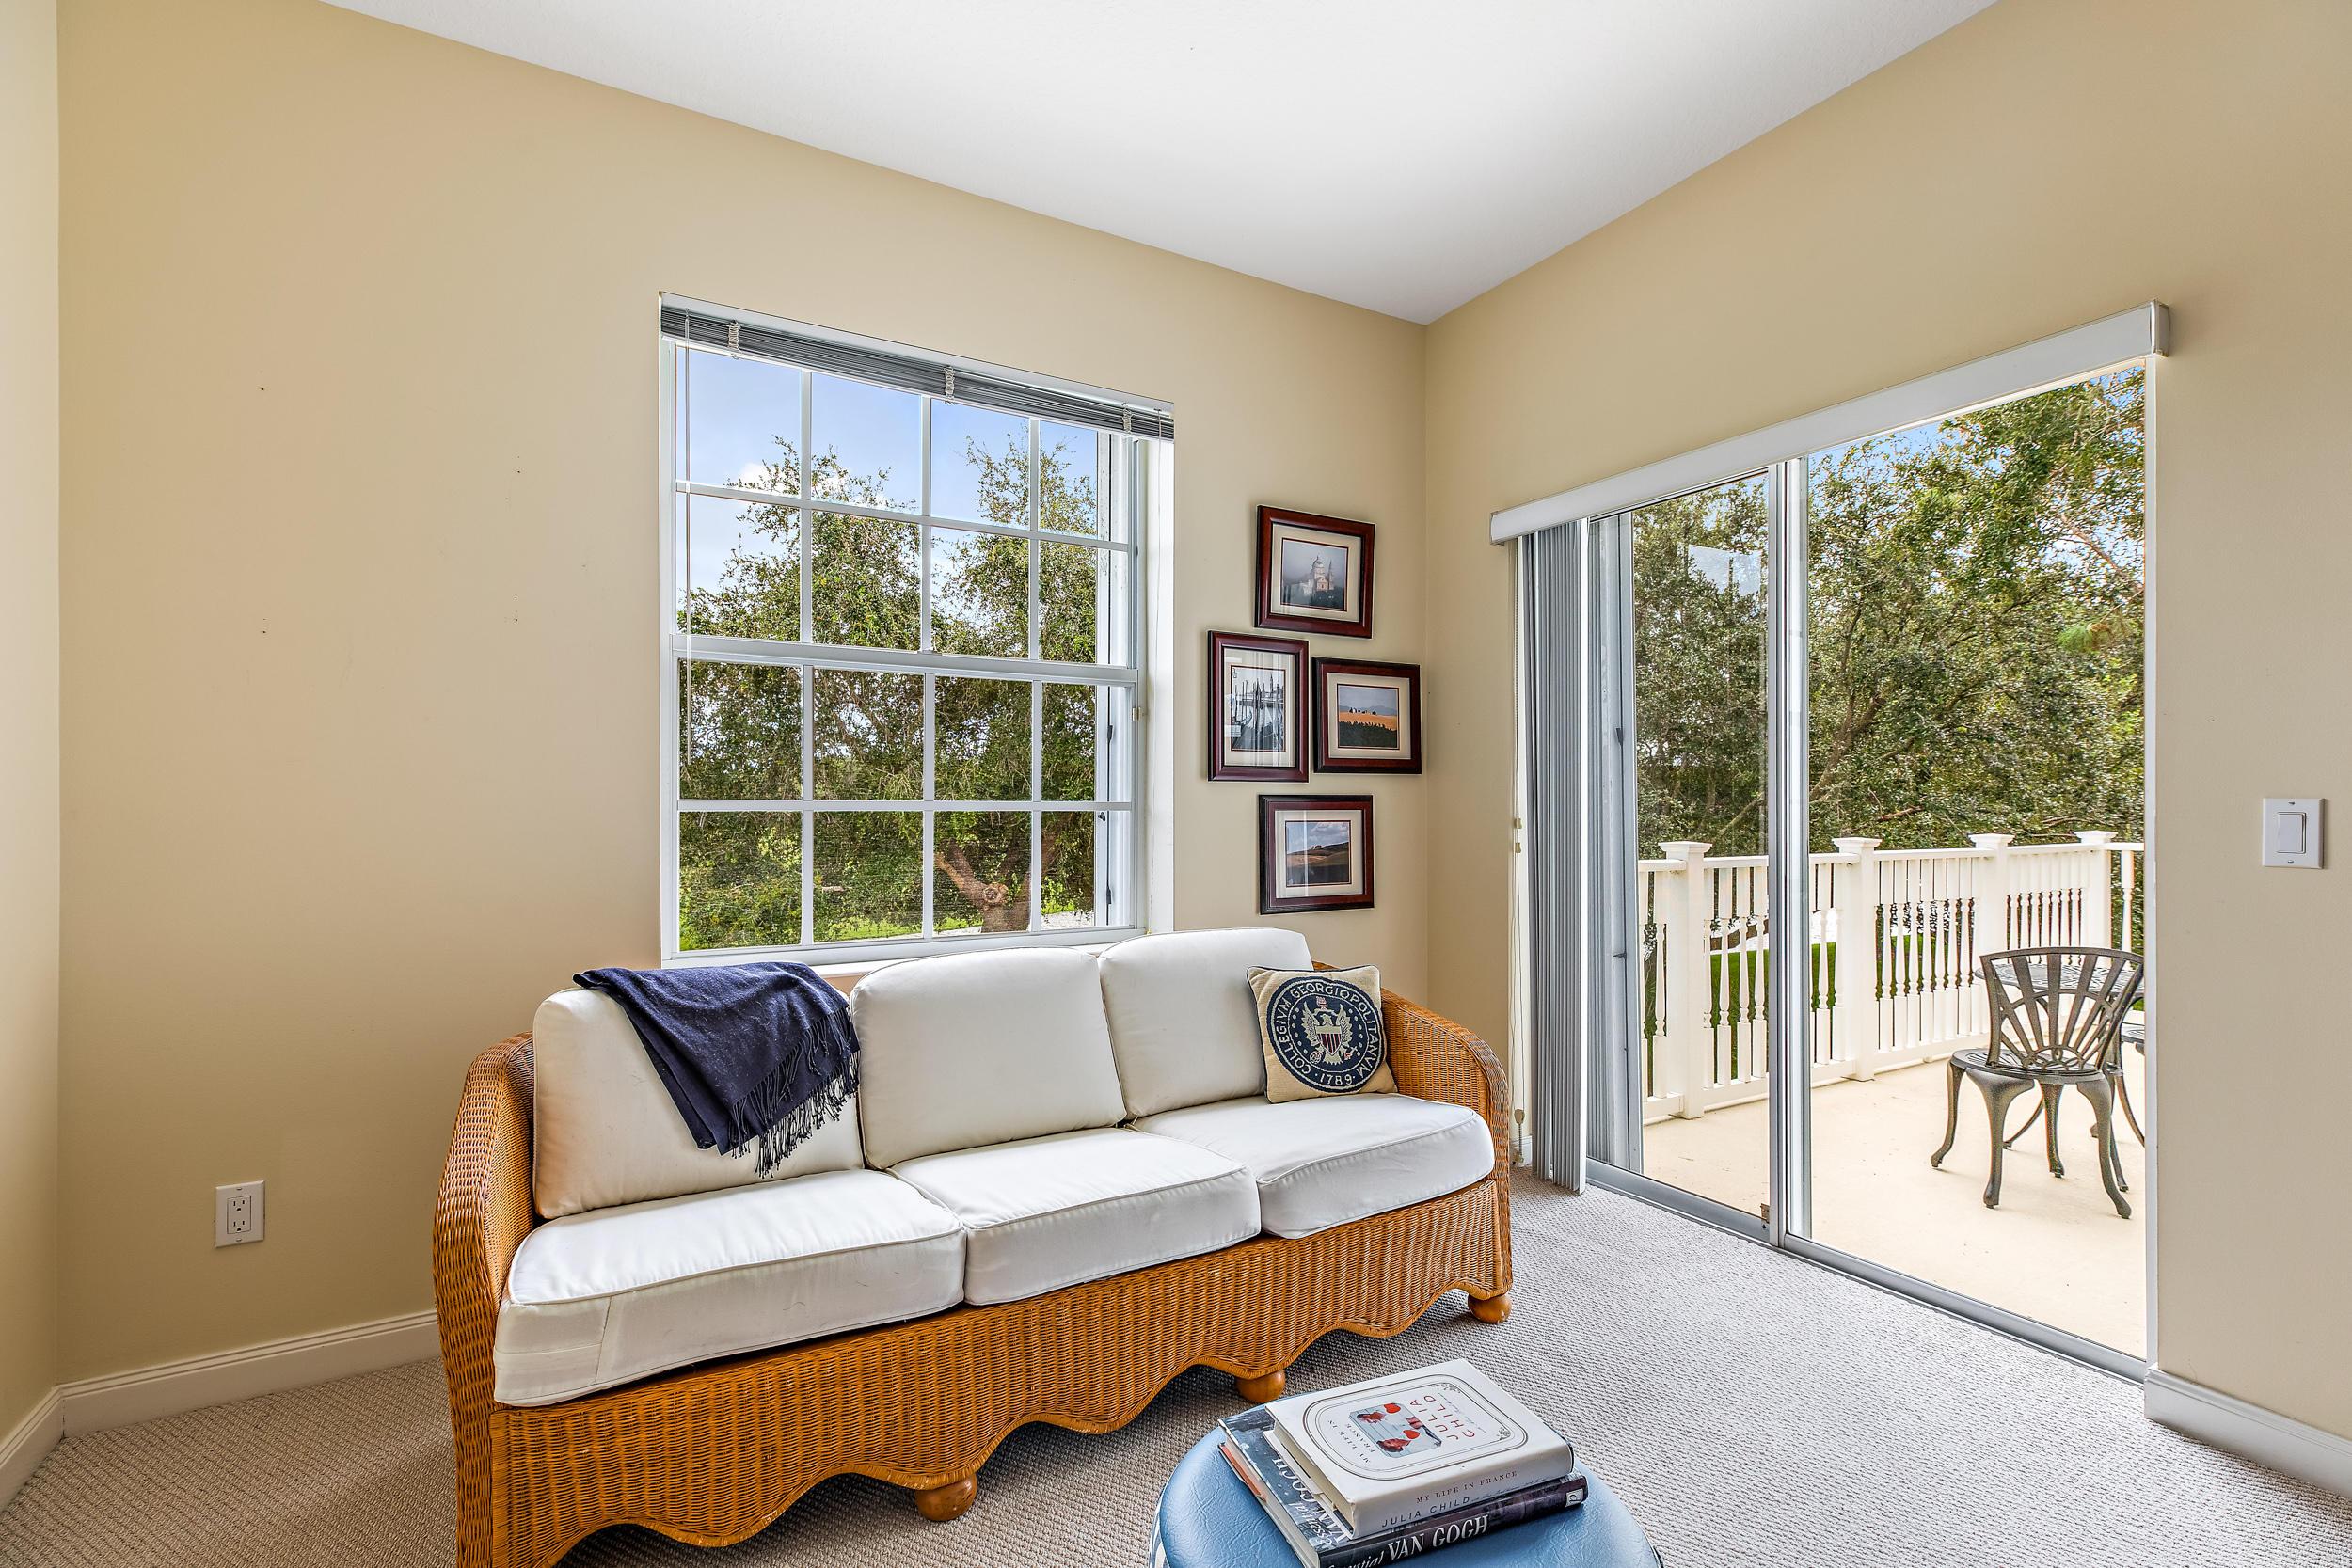 118 Barbados Drive, Jupiter, Florida 33458, 5 Bedrooms Bedrooms, ,3 BathroomsBathrooms,A,Single family,Barbados,RX-10477392